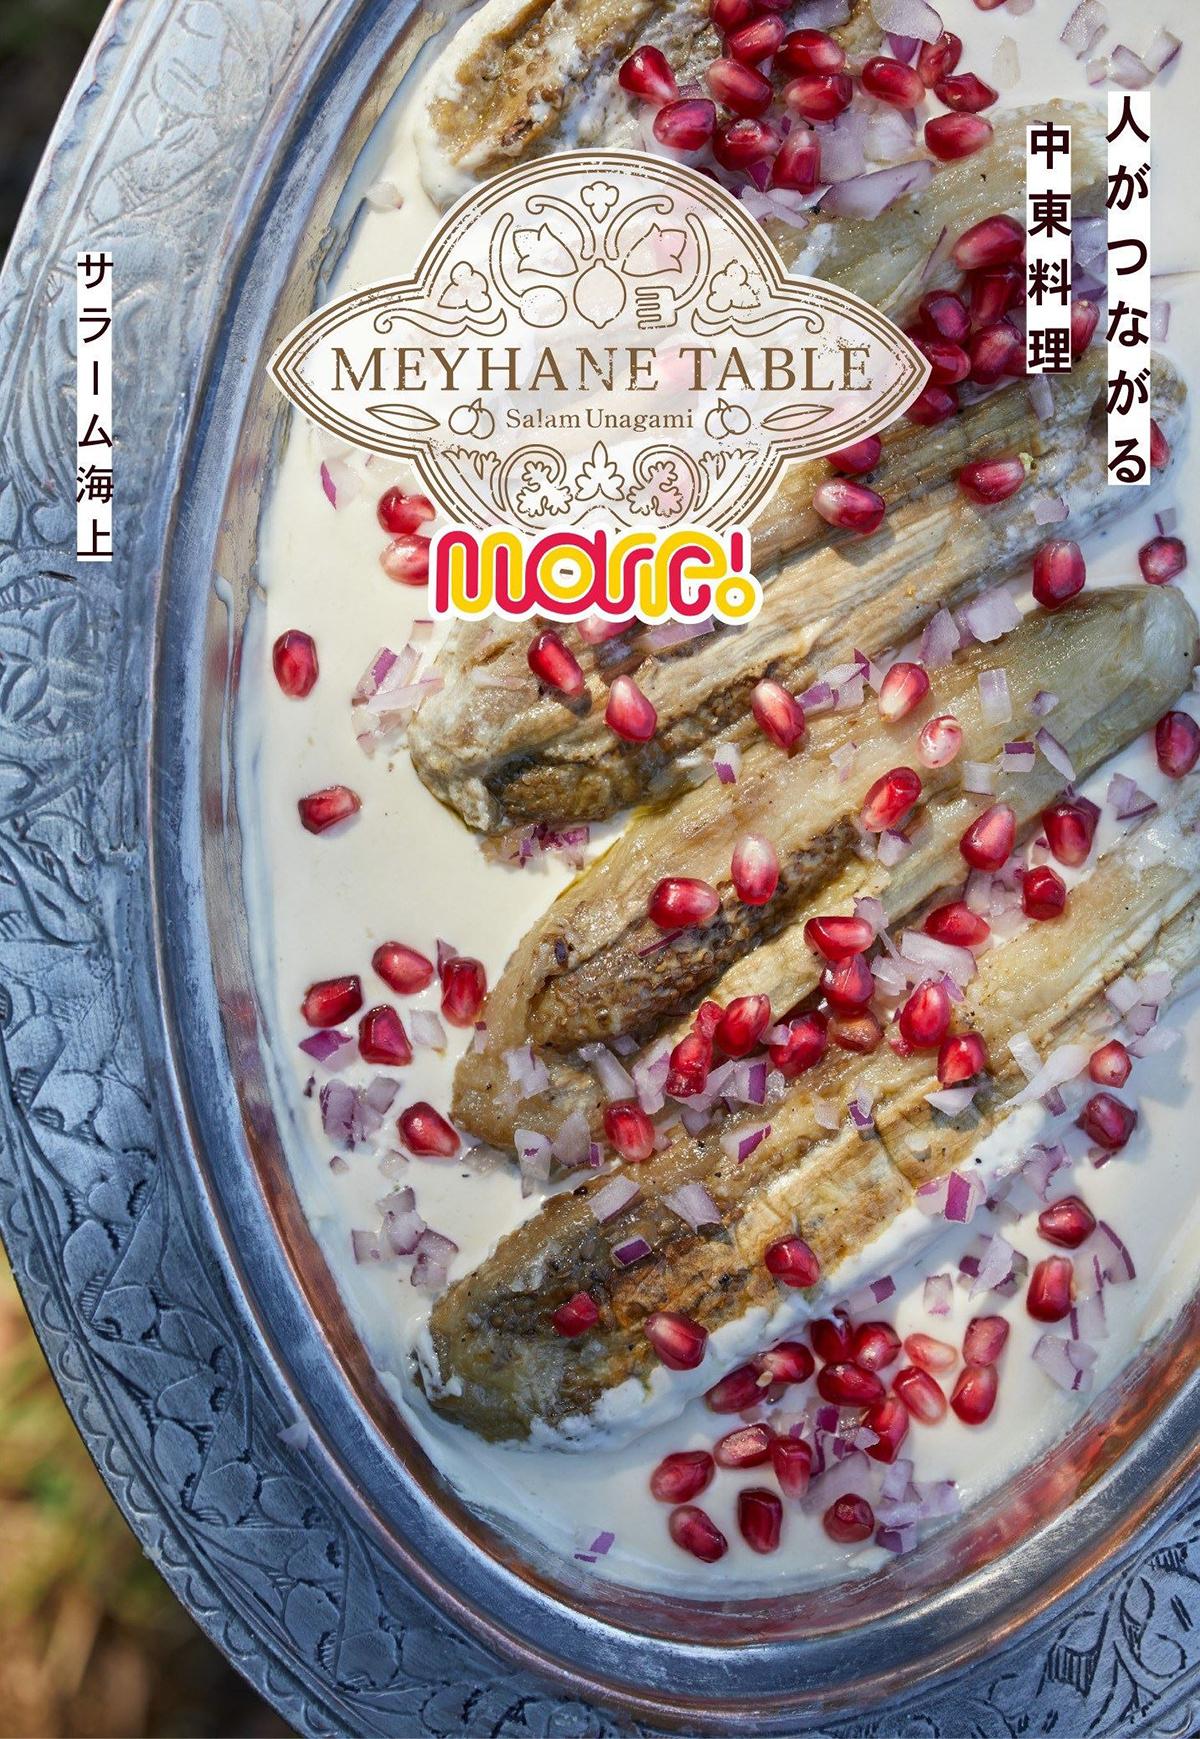 新刊『MEYHANE TABLE MORE!』好評販売中です